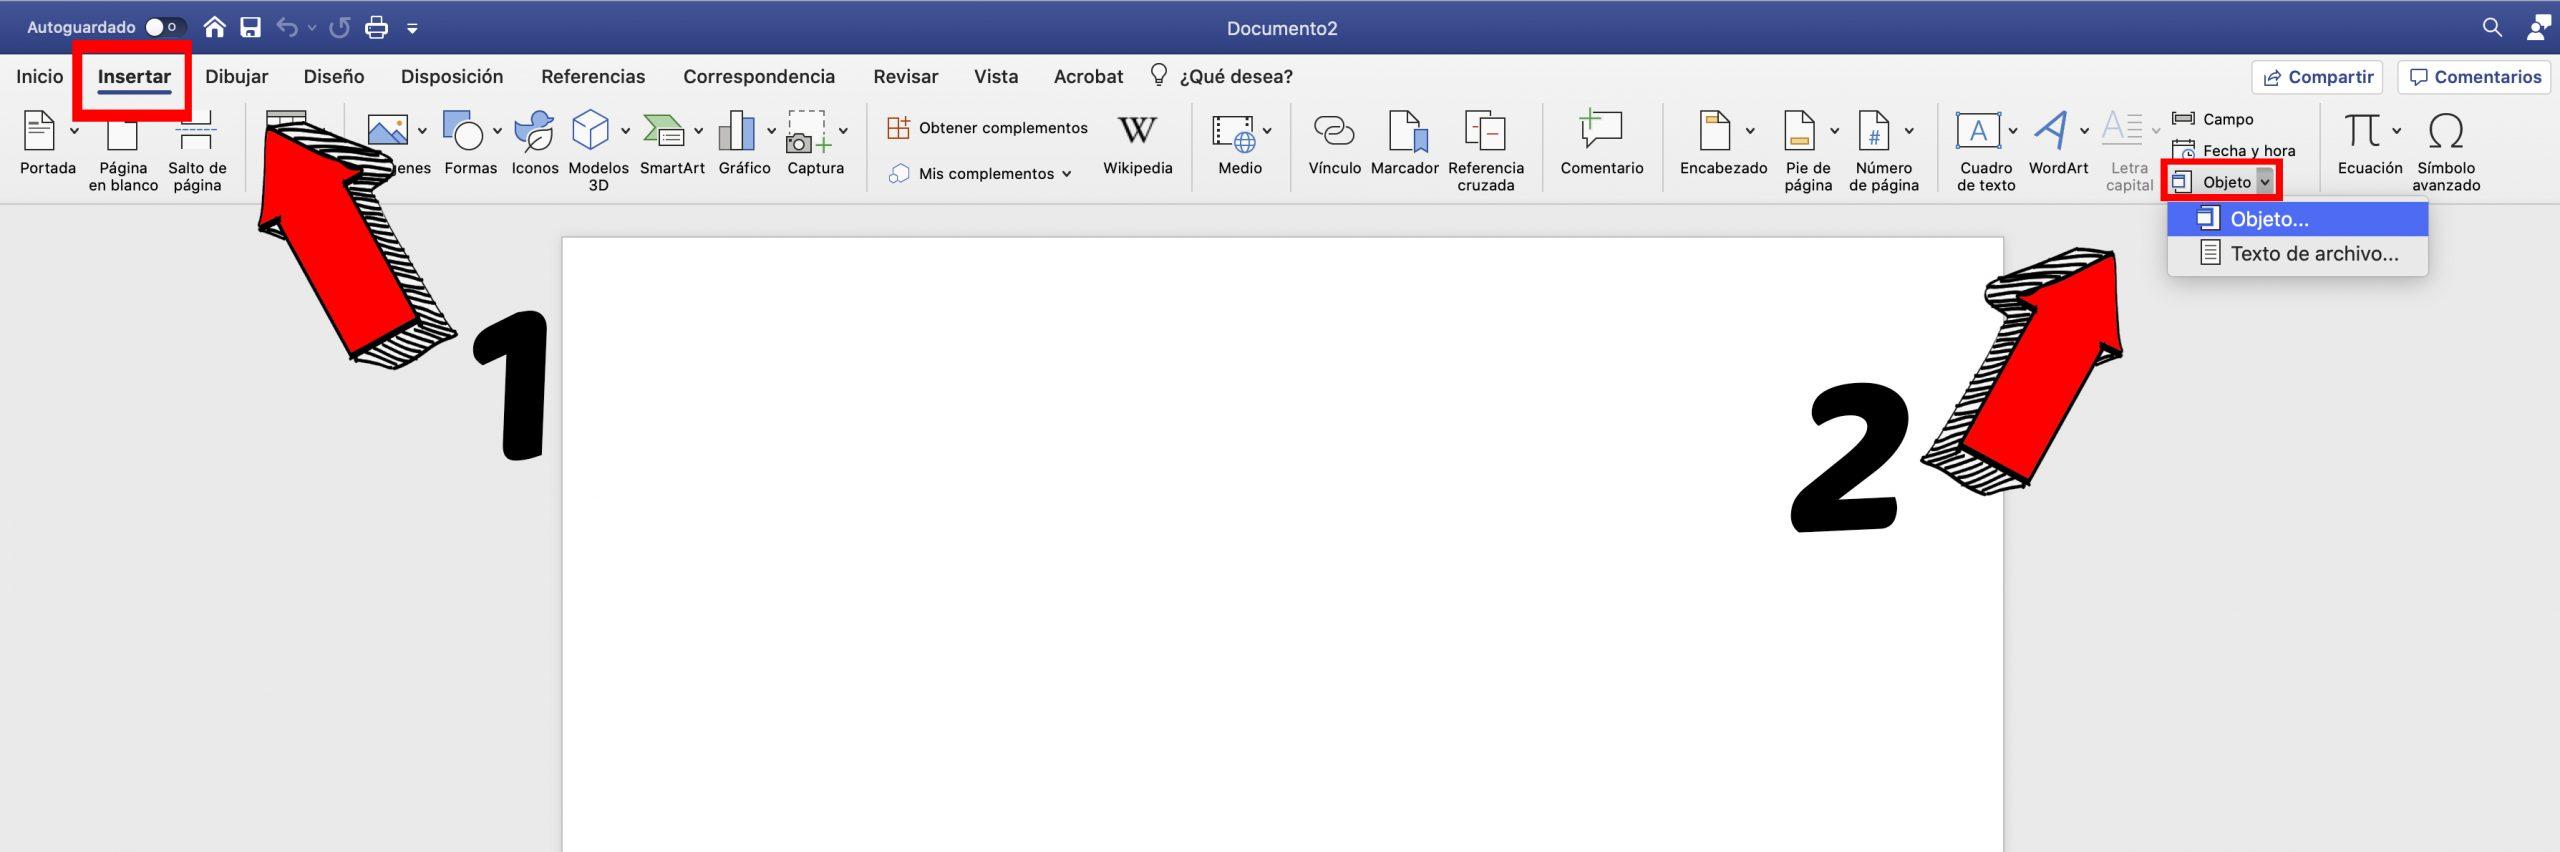 Cómo Juntar Varios Documentos De Word Y Pdf En Uno Solo